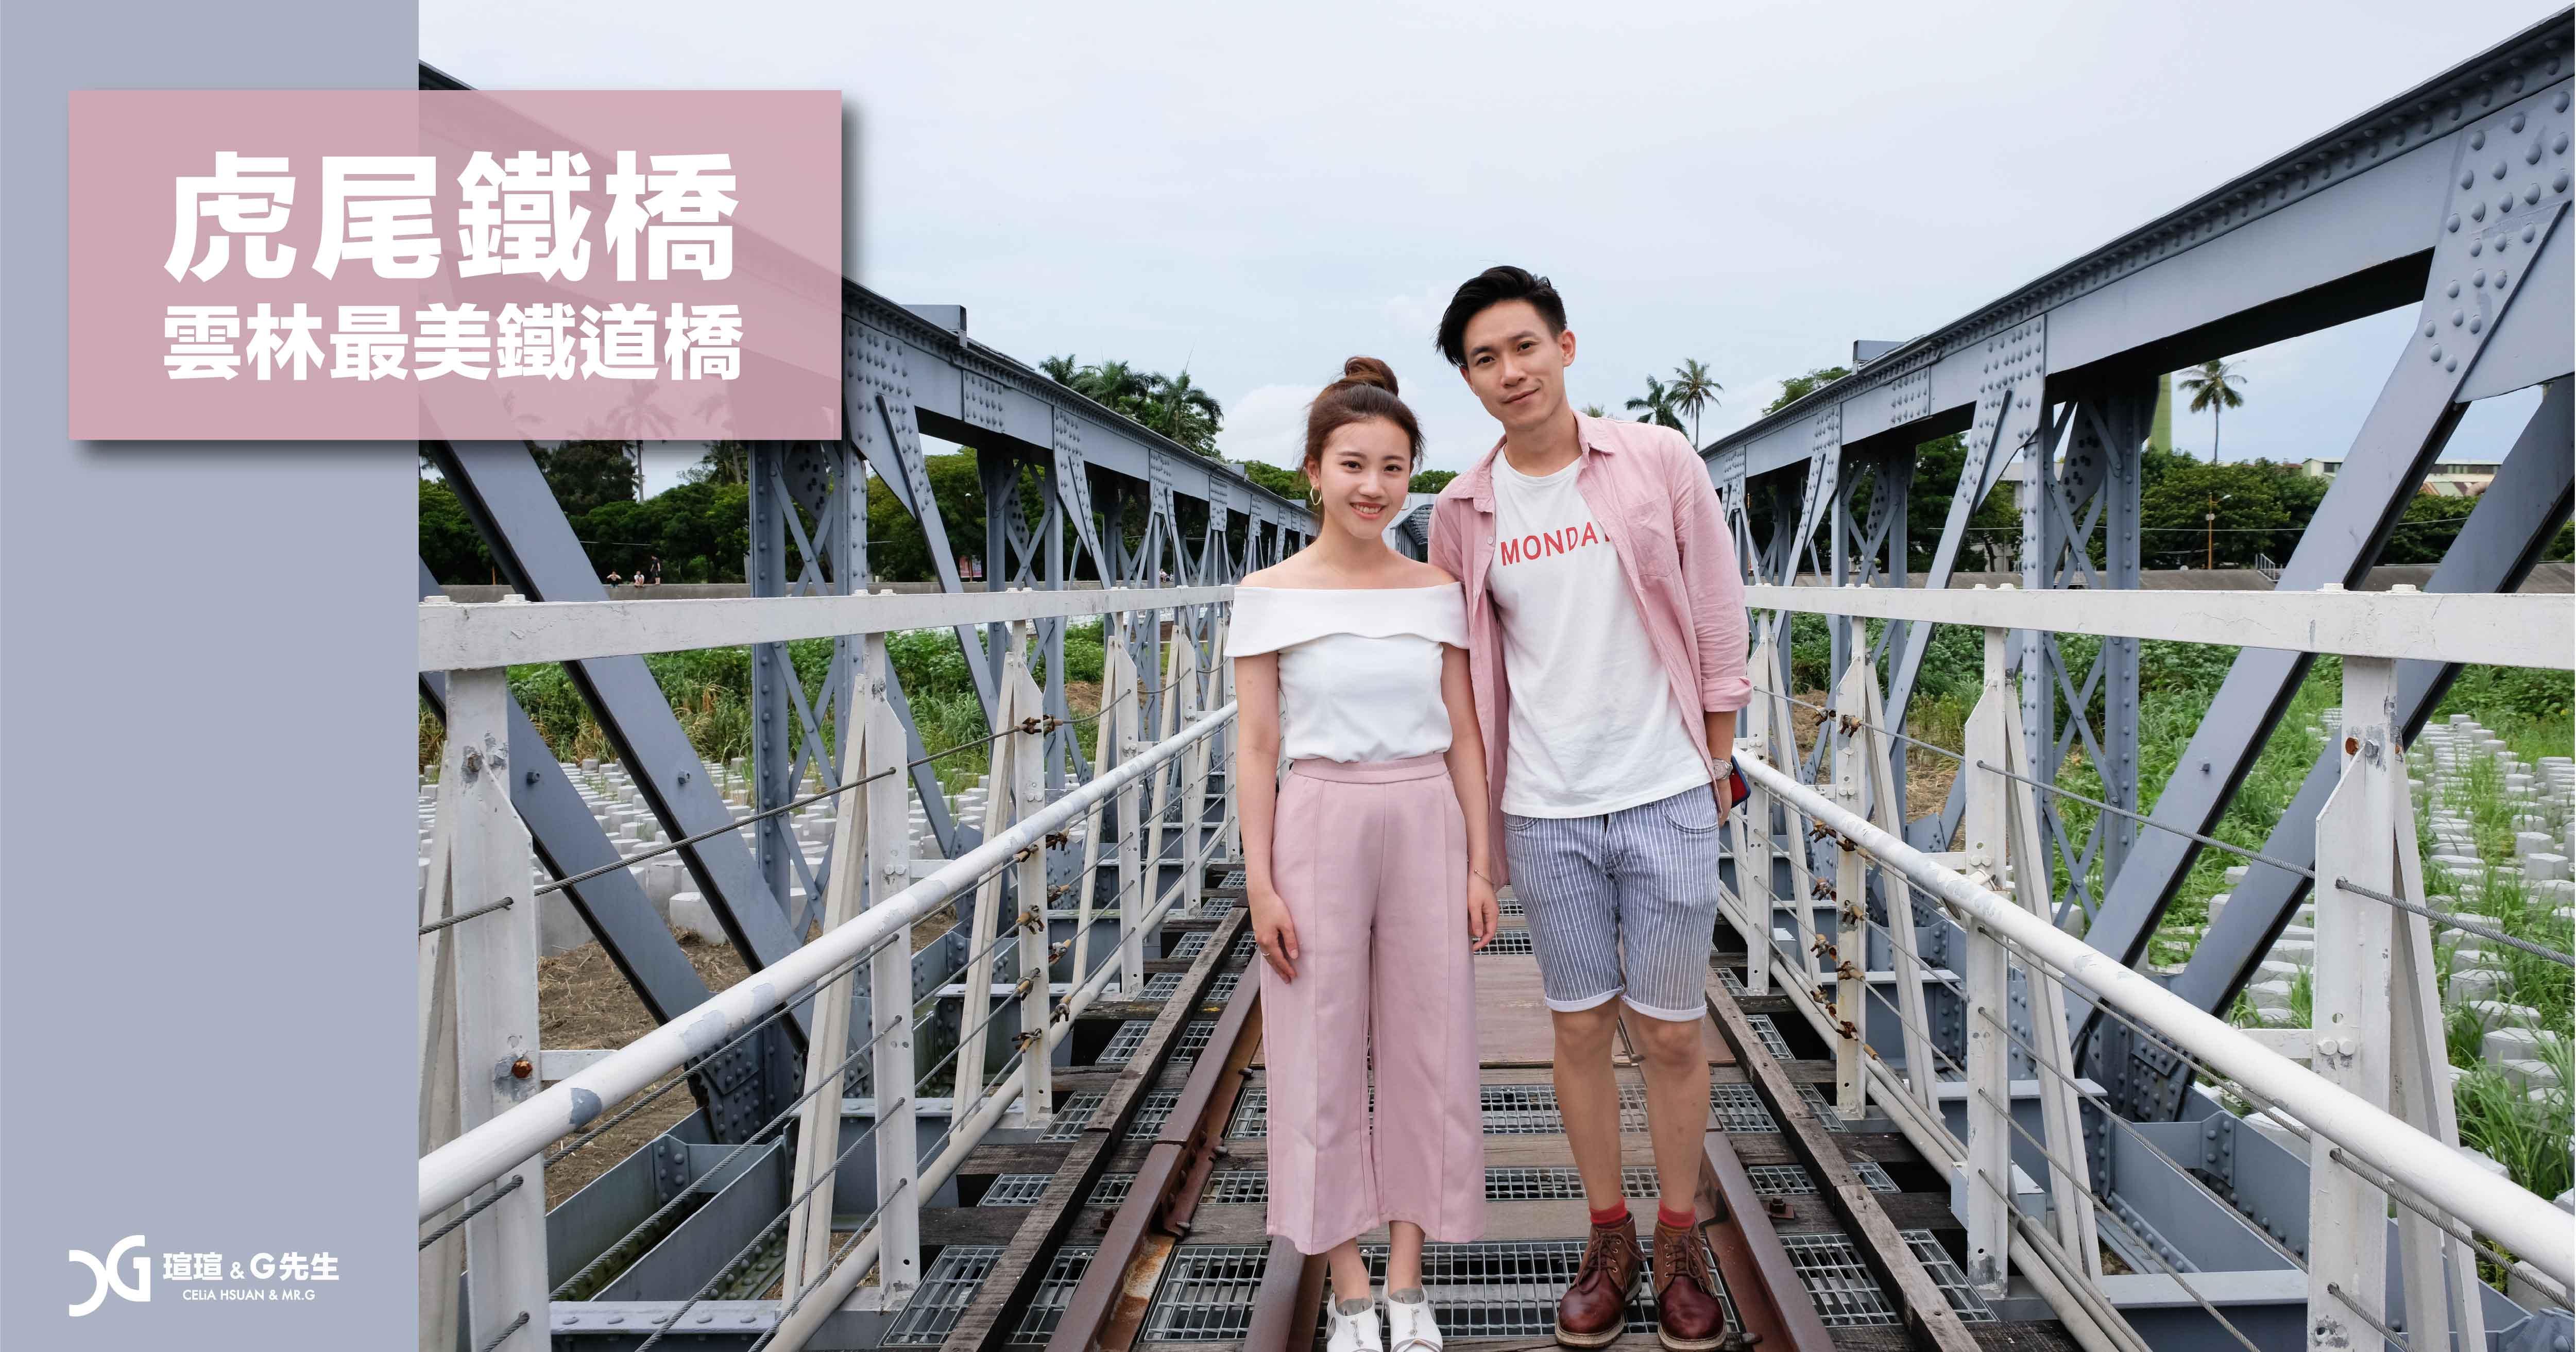 雲林景點 虎尾鐵橋 雲林旅遊